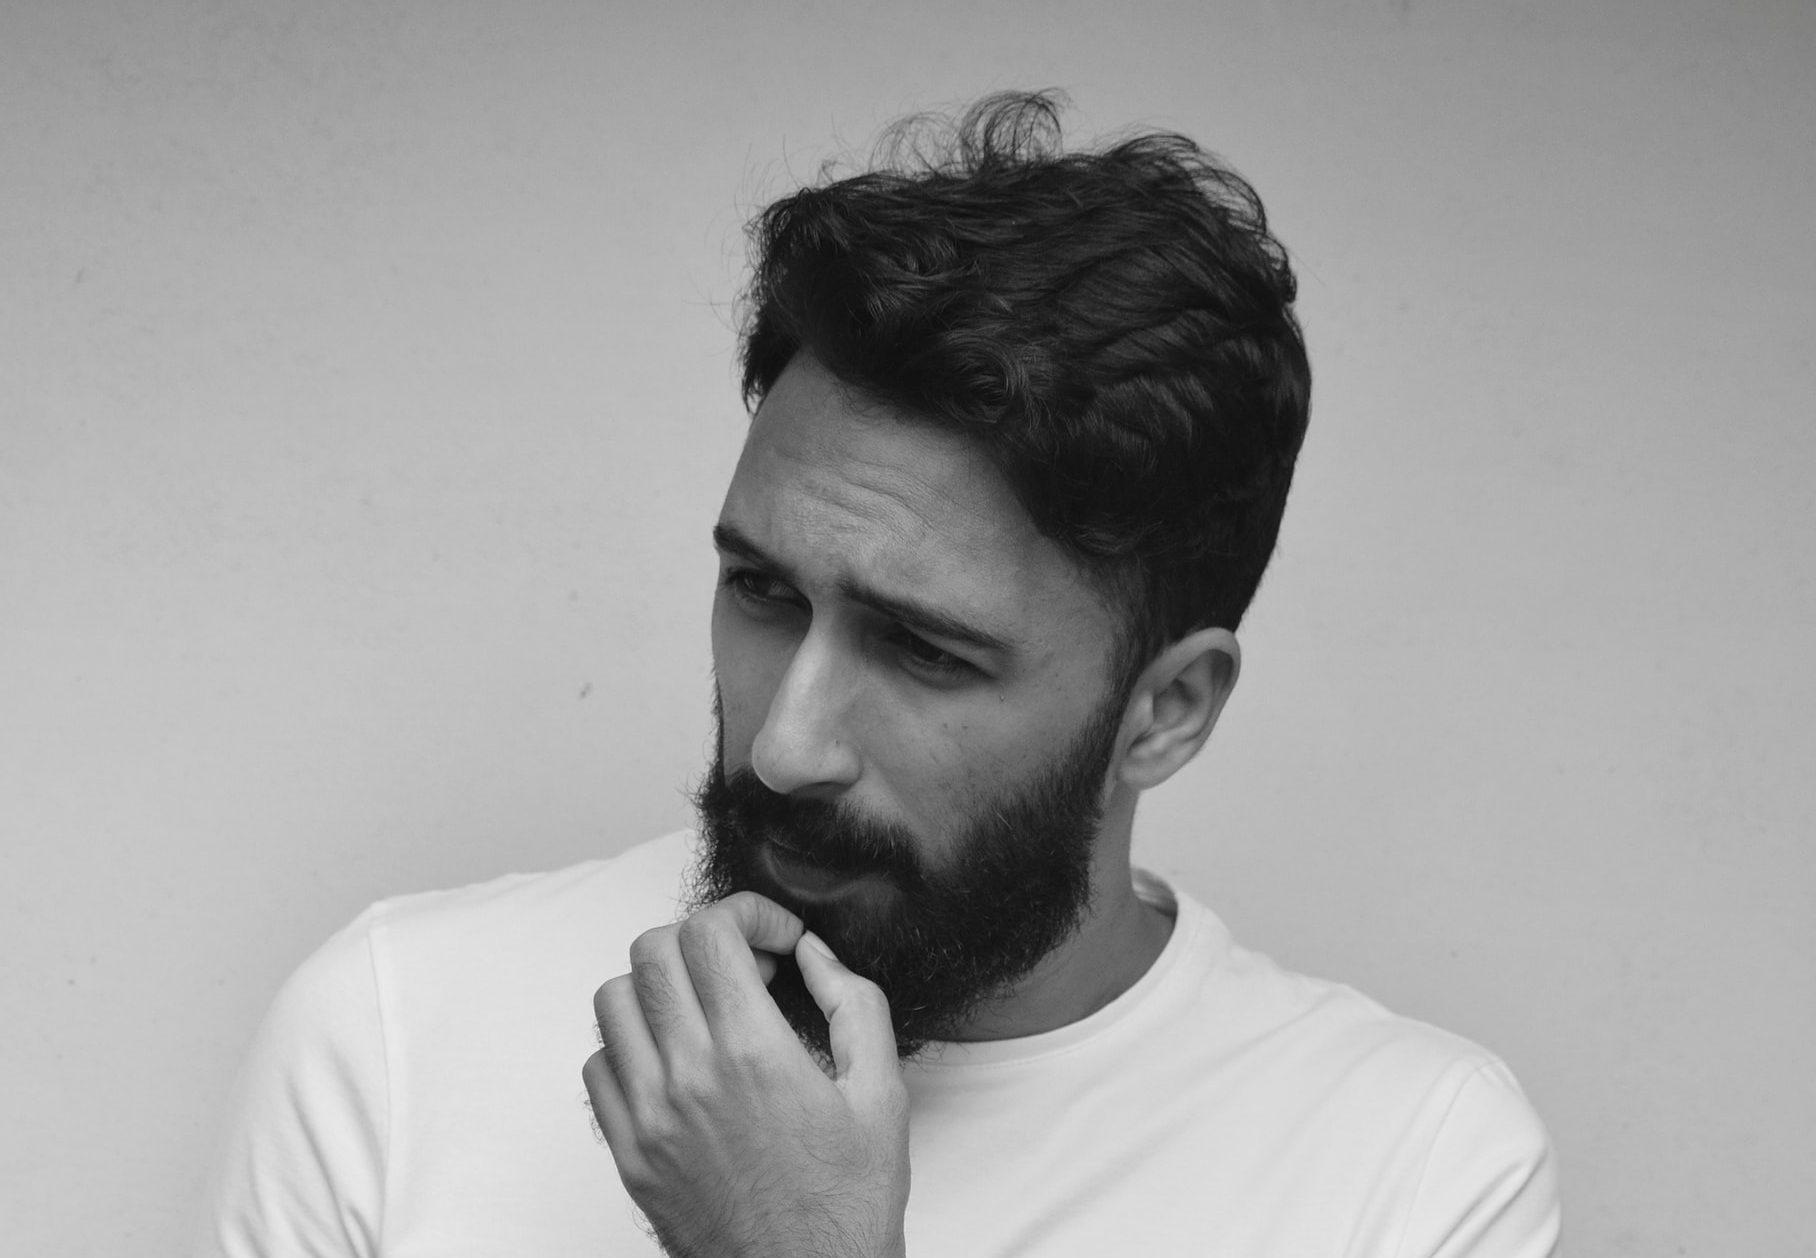 Hoe sneller baard groeien